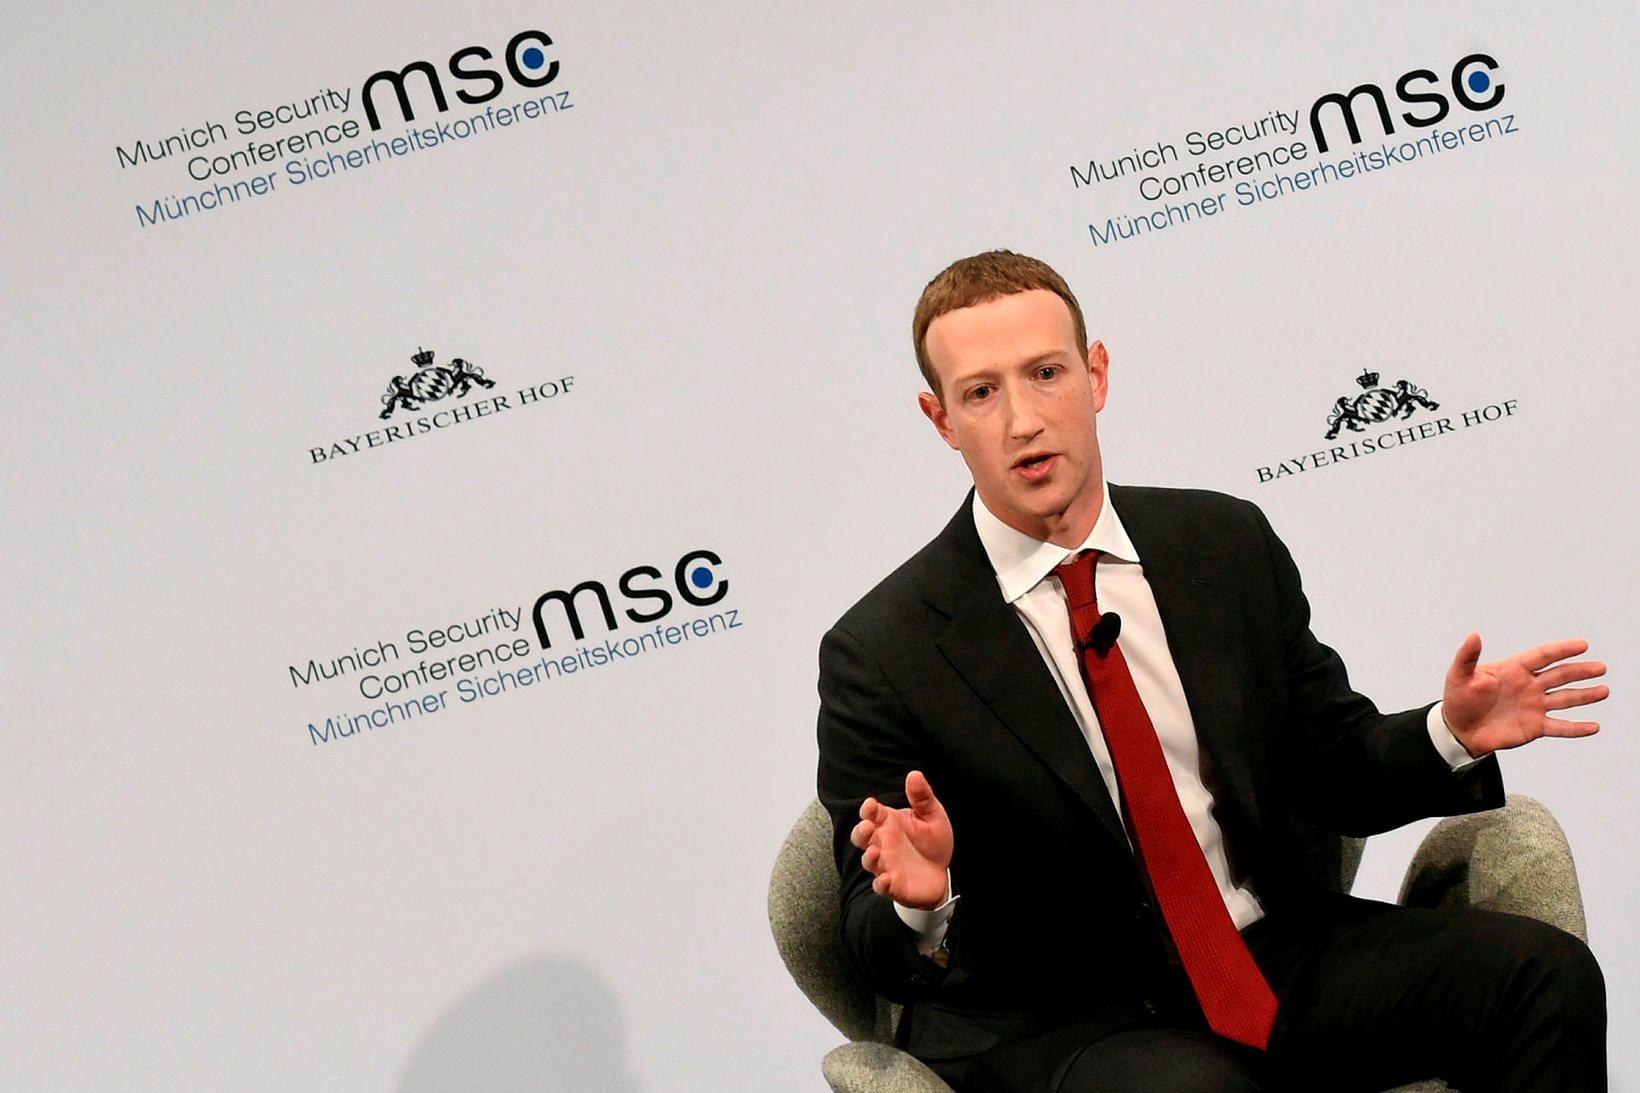 Mark Zuckerberg brá sér úr einkennisklæðnaðnum í dag, en hann …